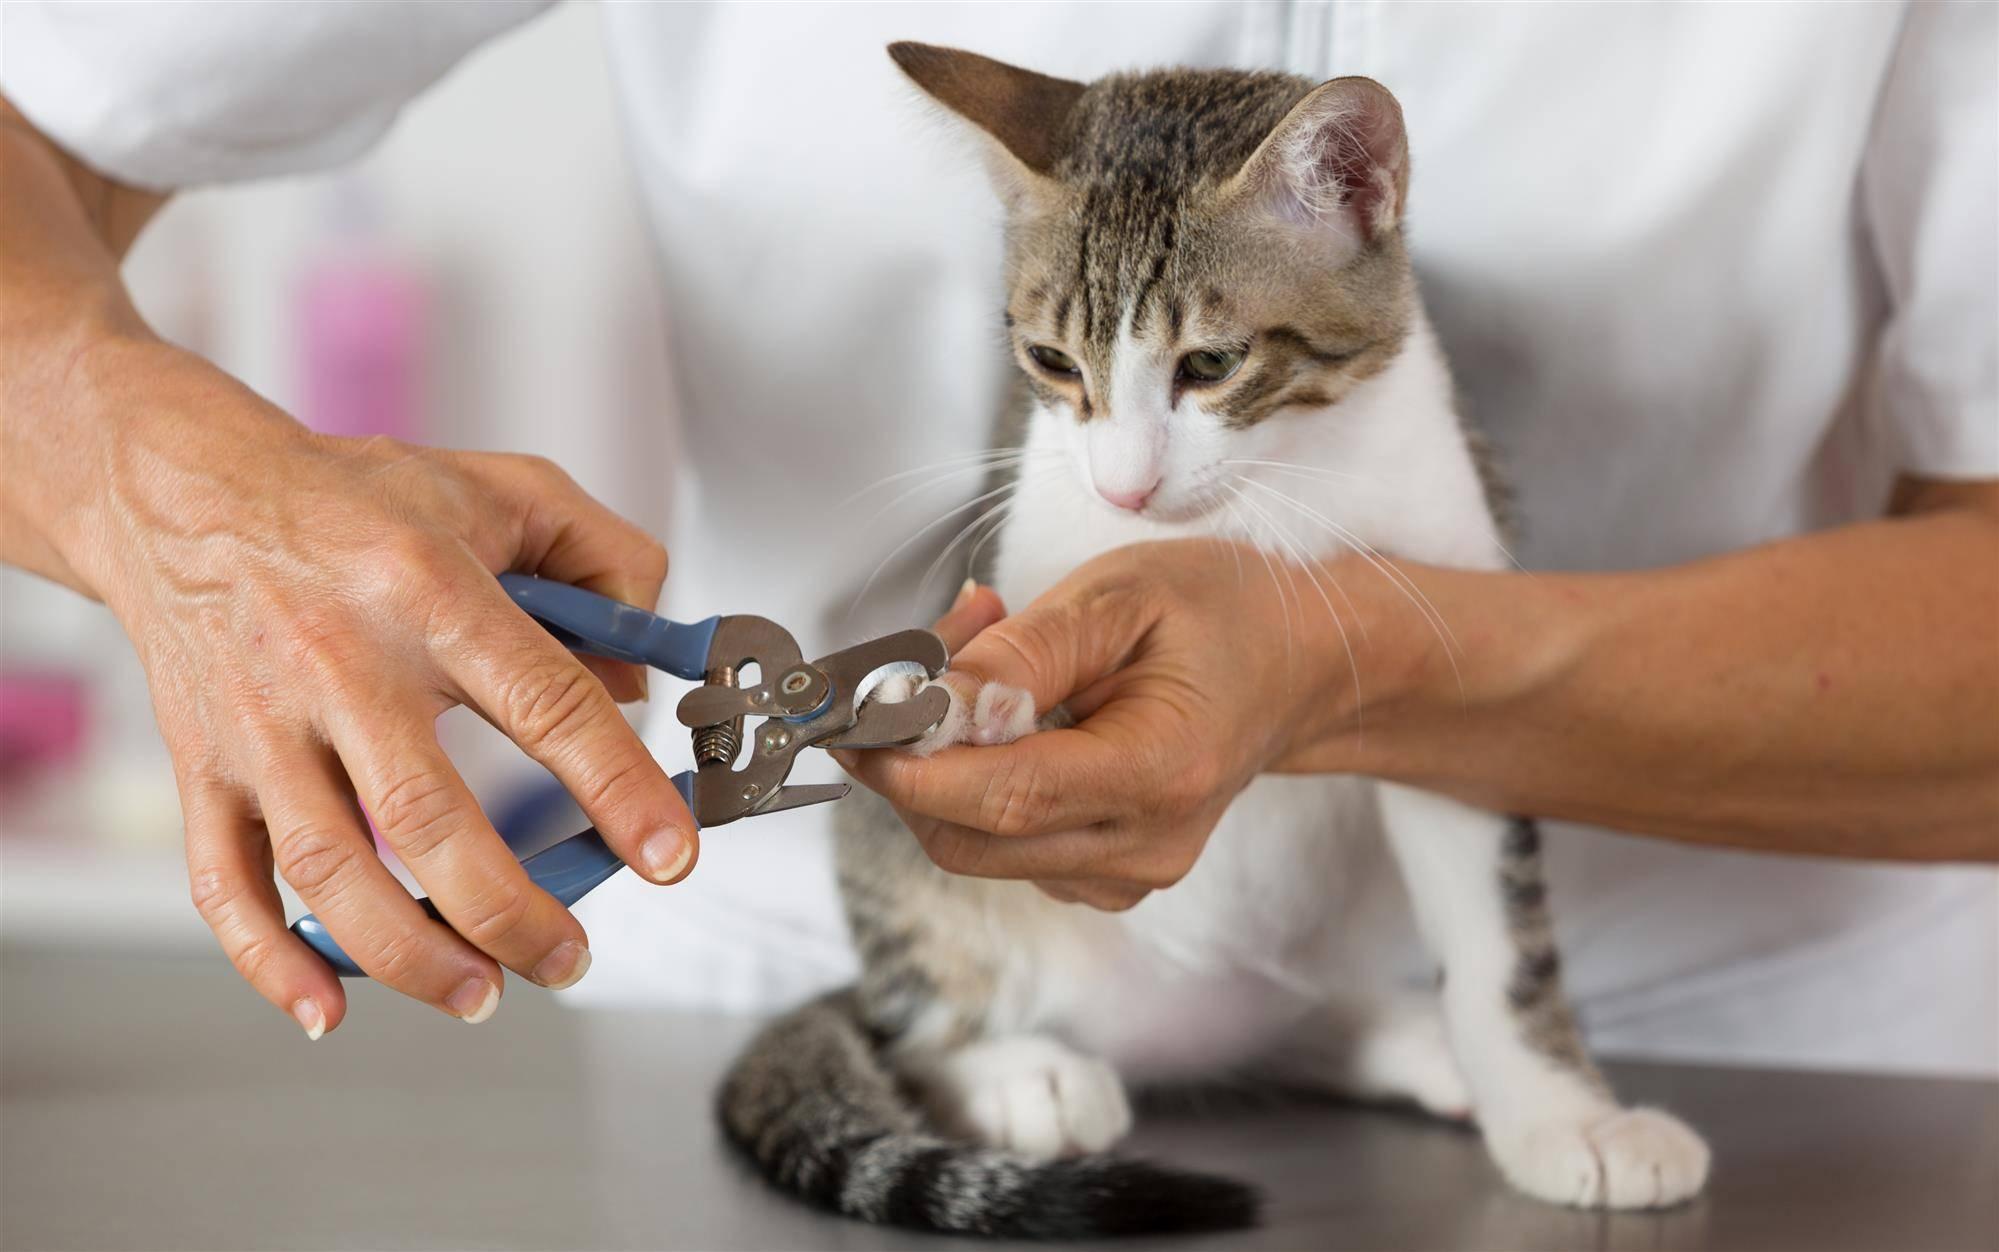 Кормление кота после кастрации: основные правила и требования